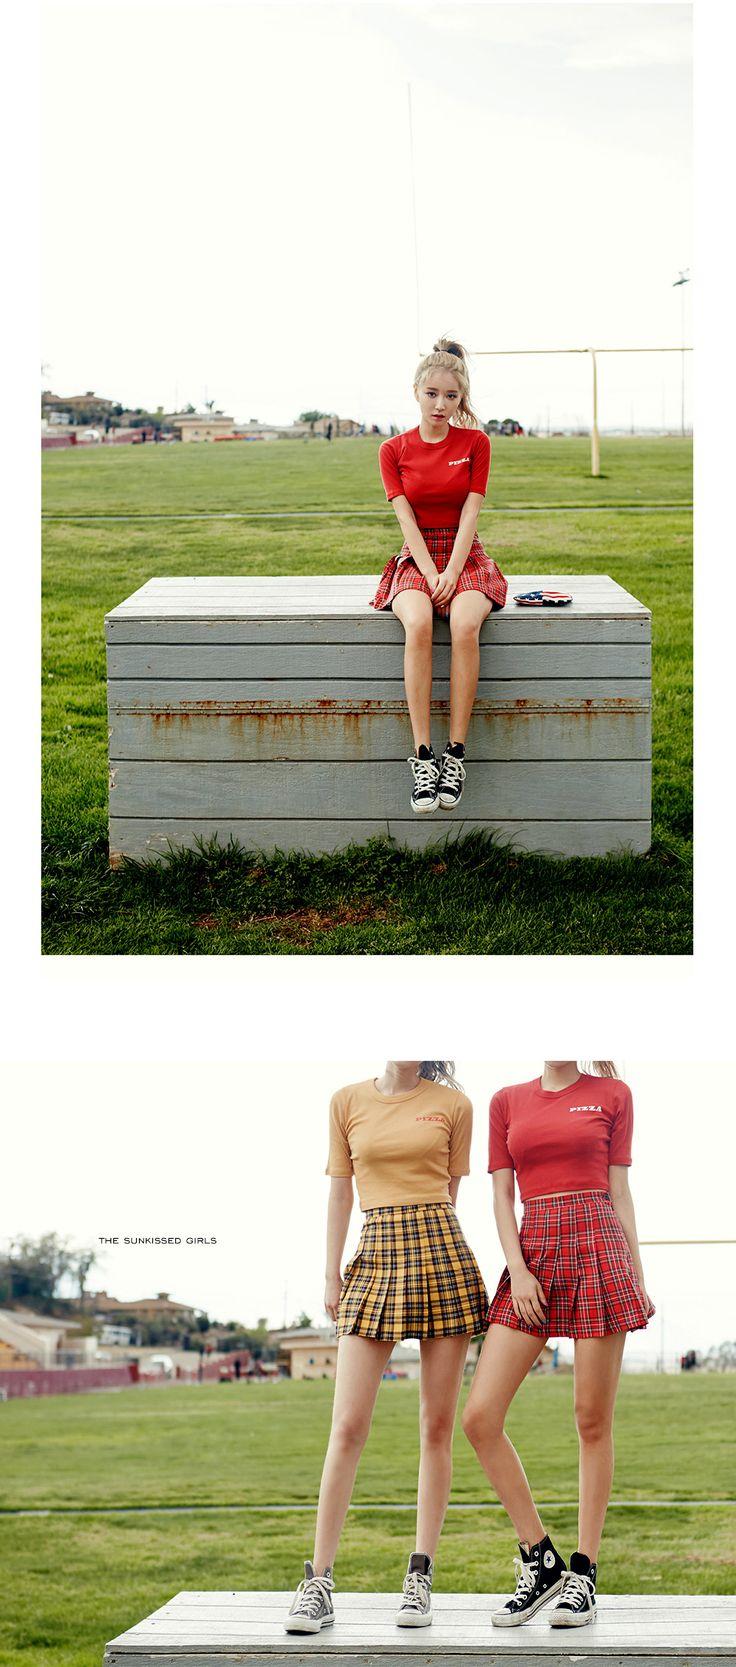 ブリティッシュチェックテニススカート - 《公式》Chuu(チュー)レディースファッション通販!